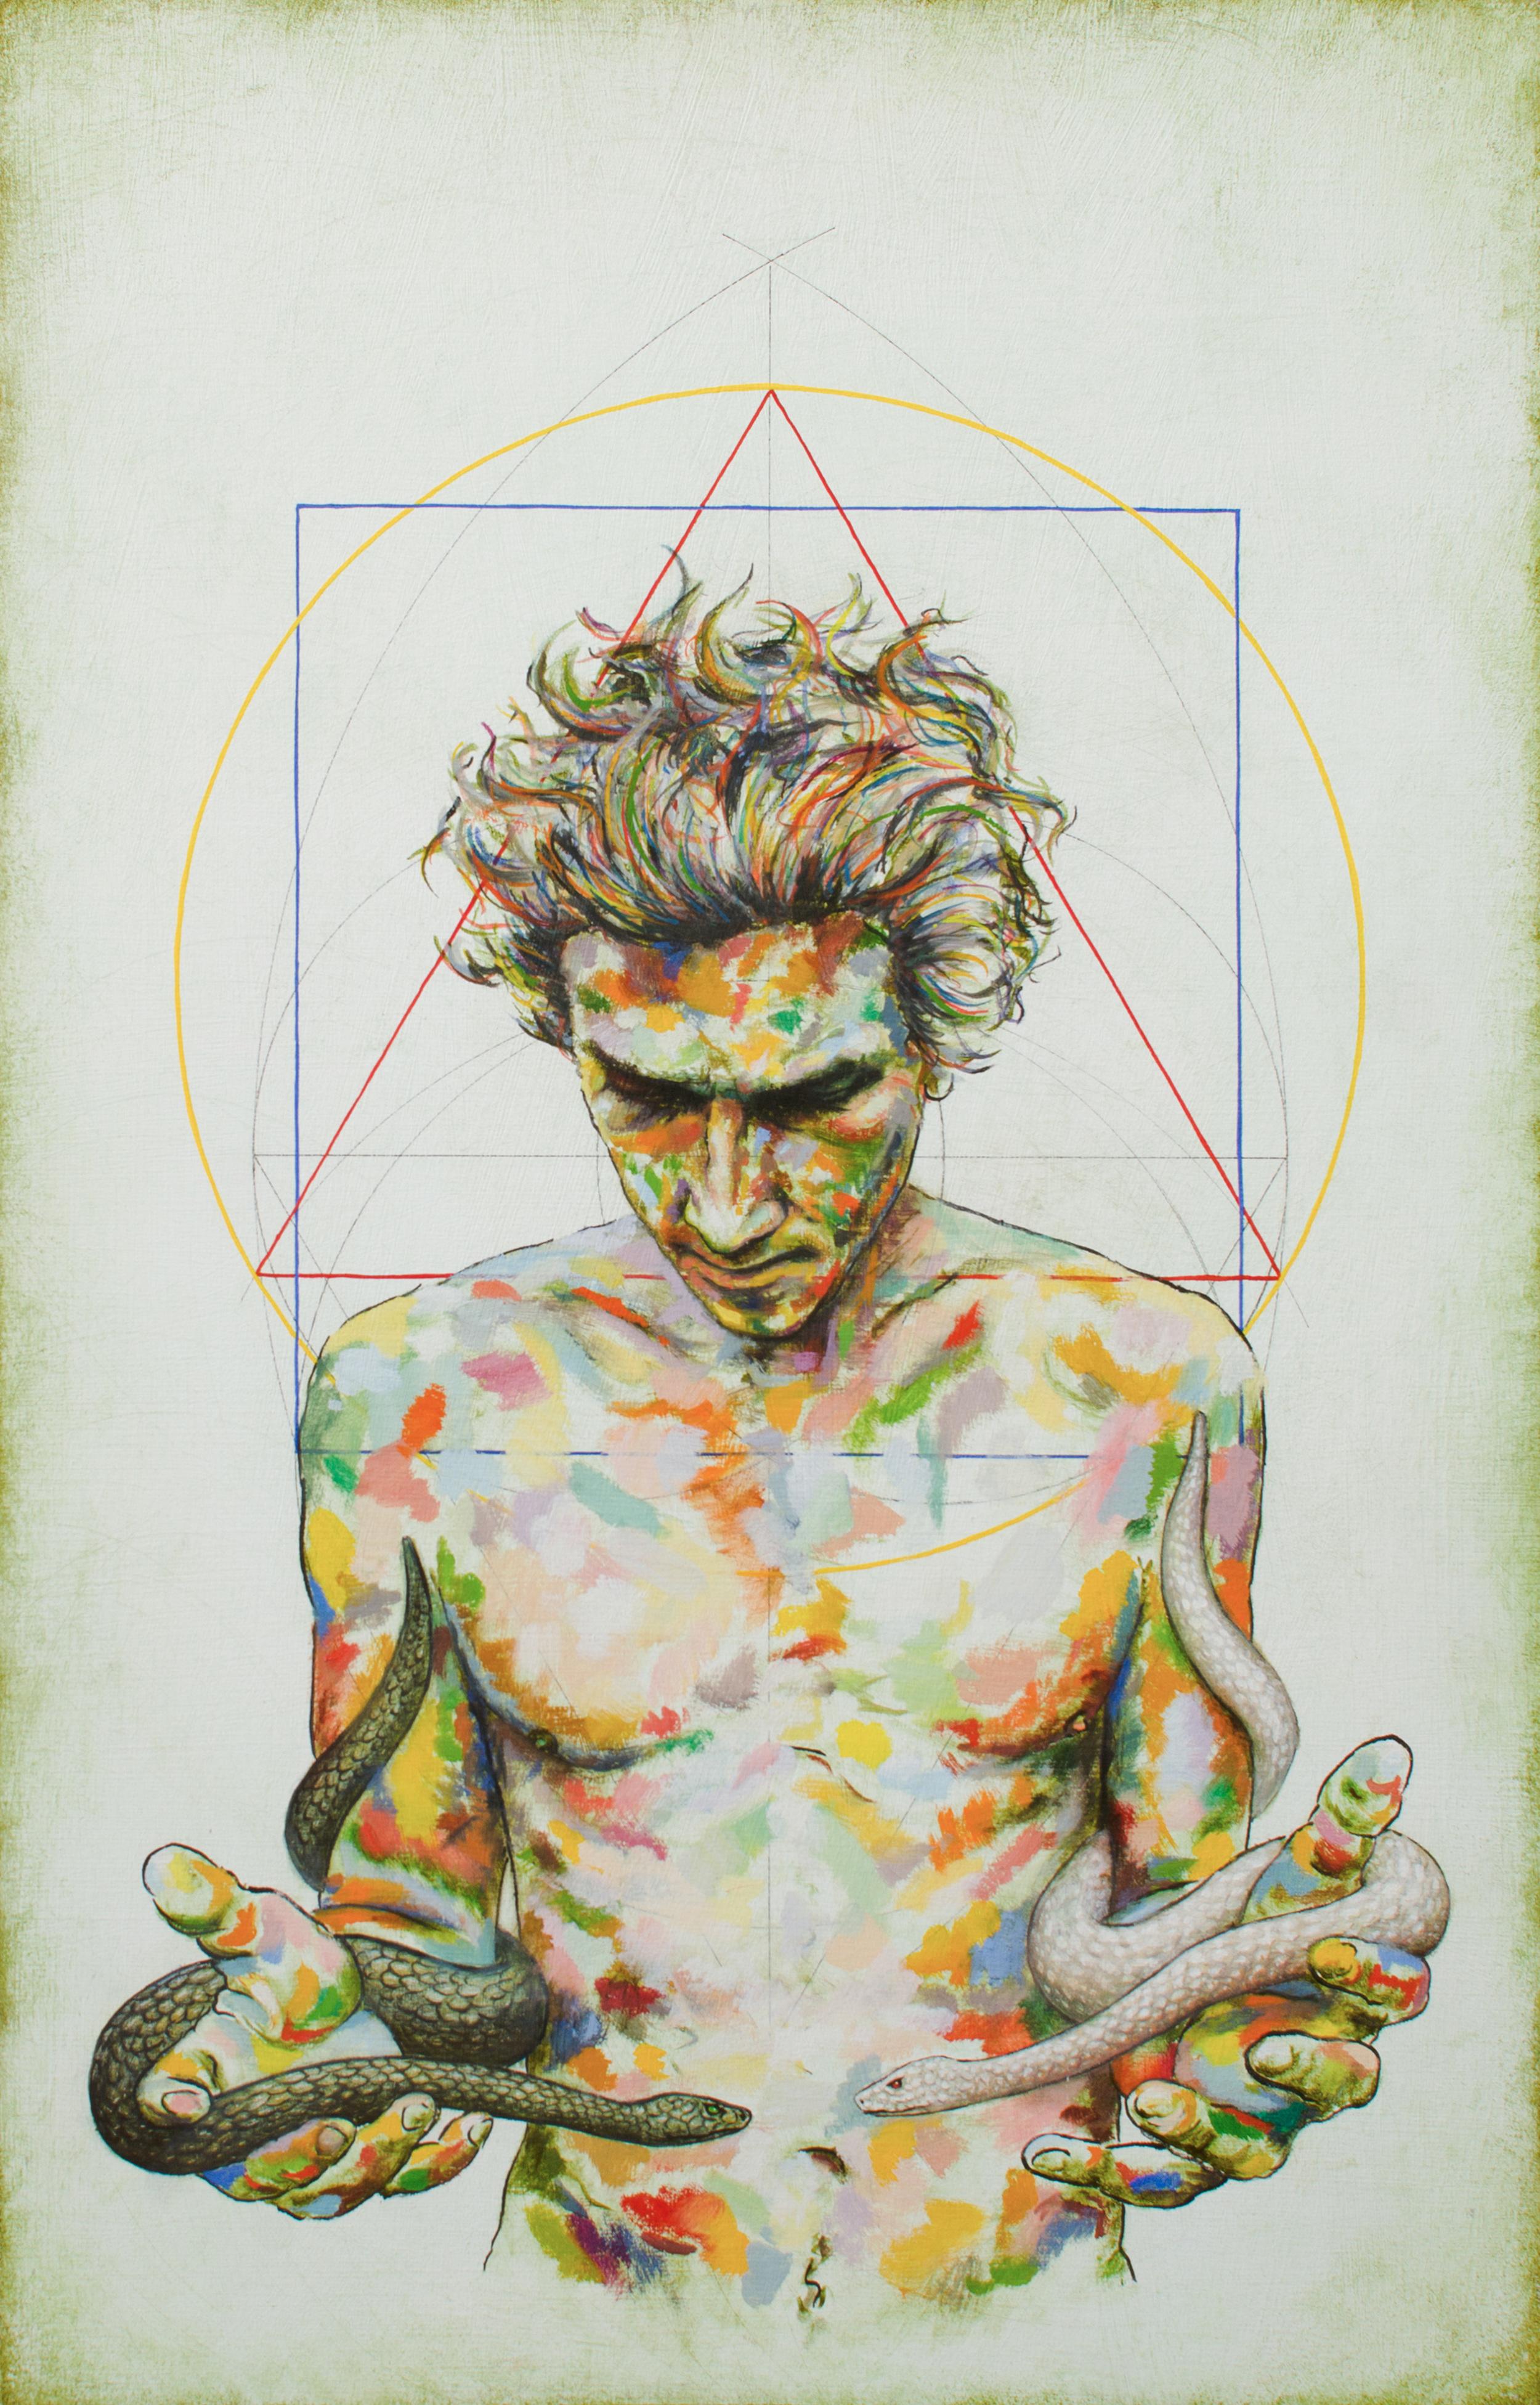 I. Magick/The Magician